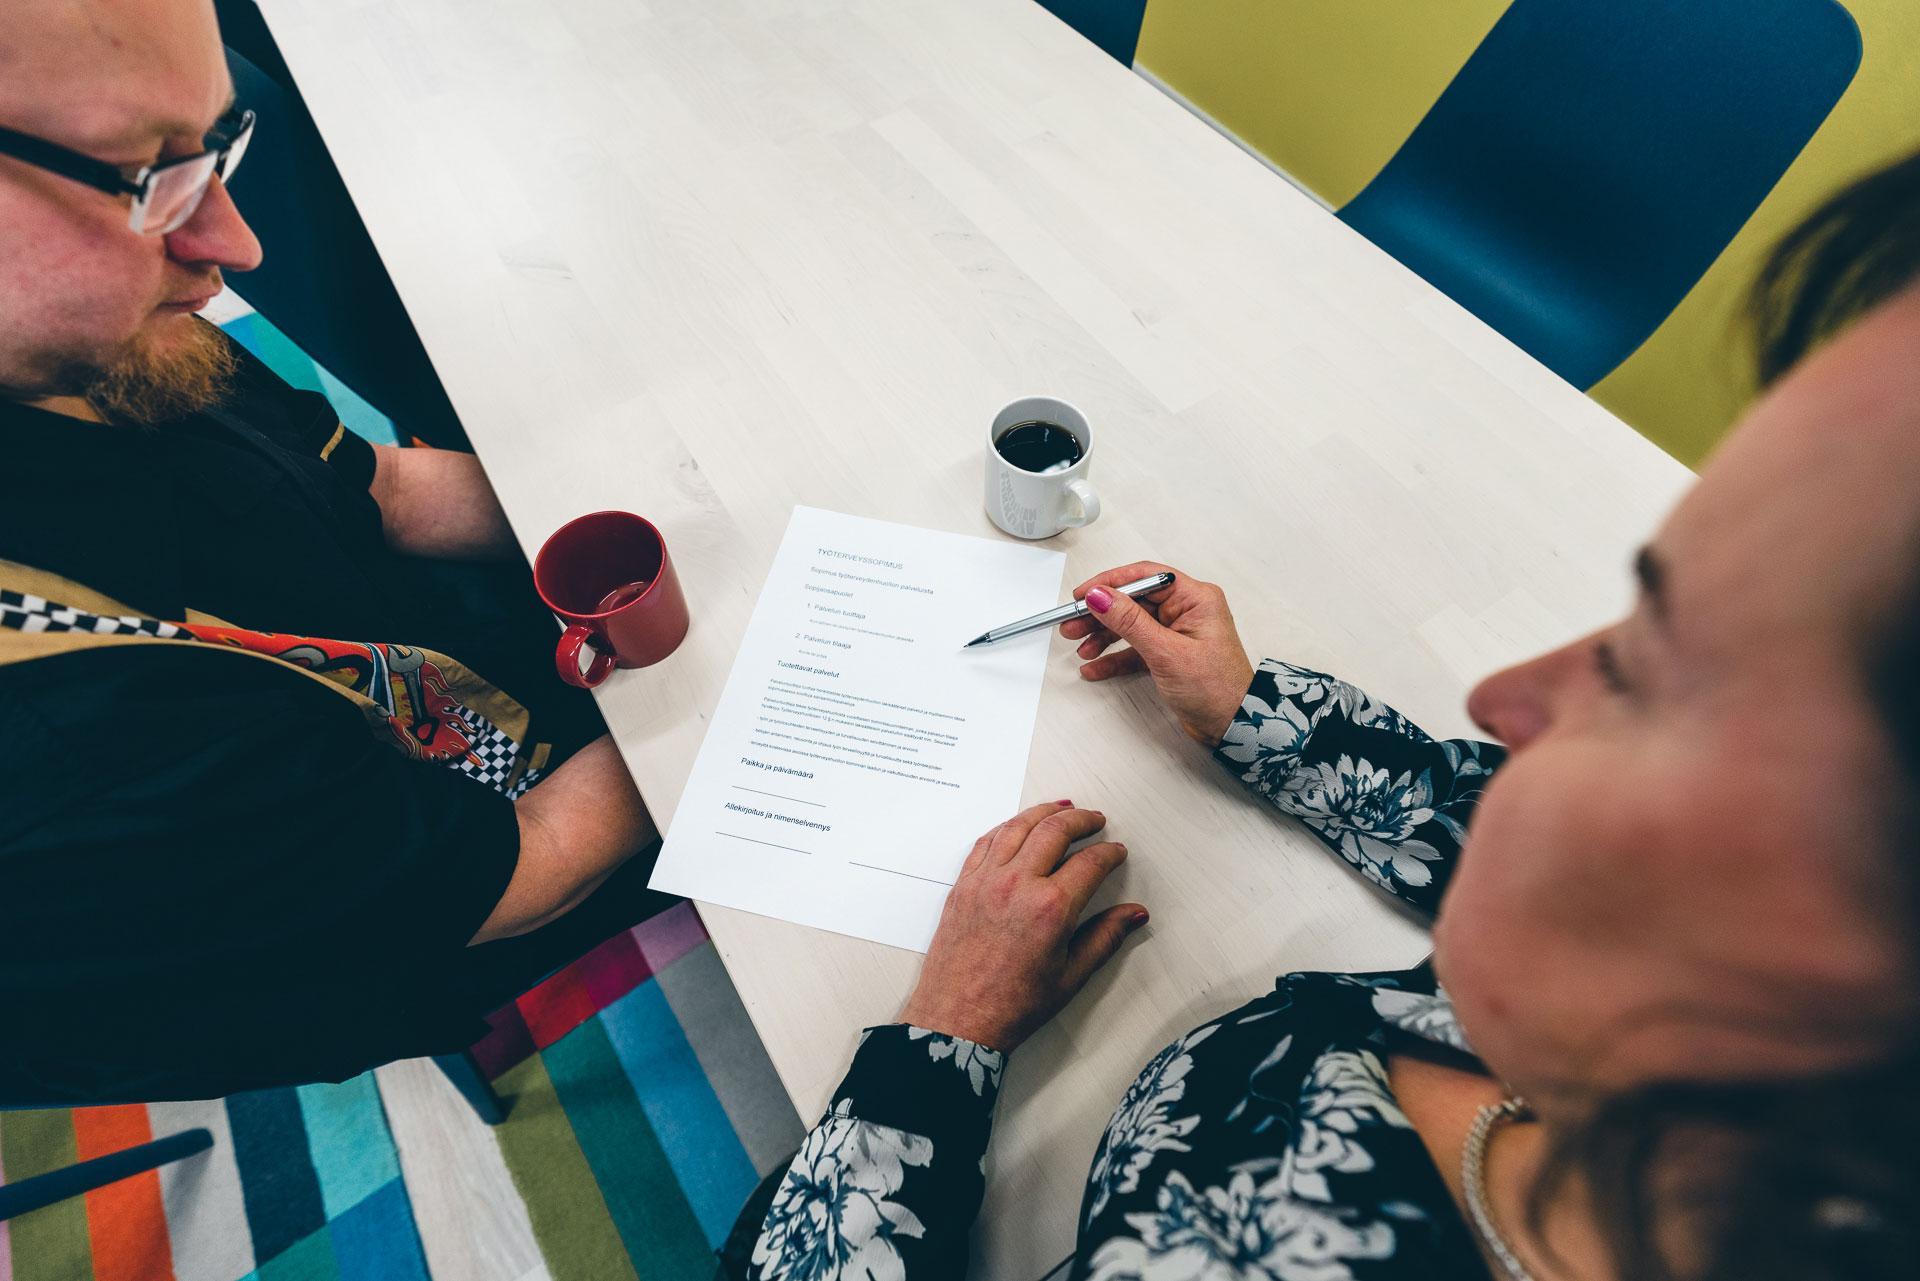 Nainen ja mies istuvat pöydän äärellä ja katselevat yhdessä edessään olevaa lomaketta.